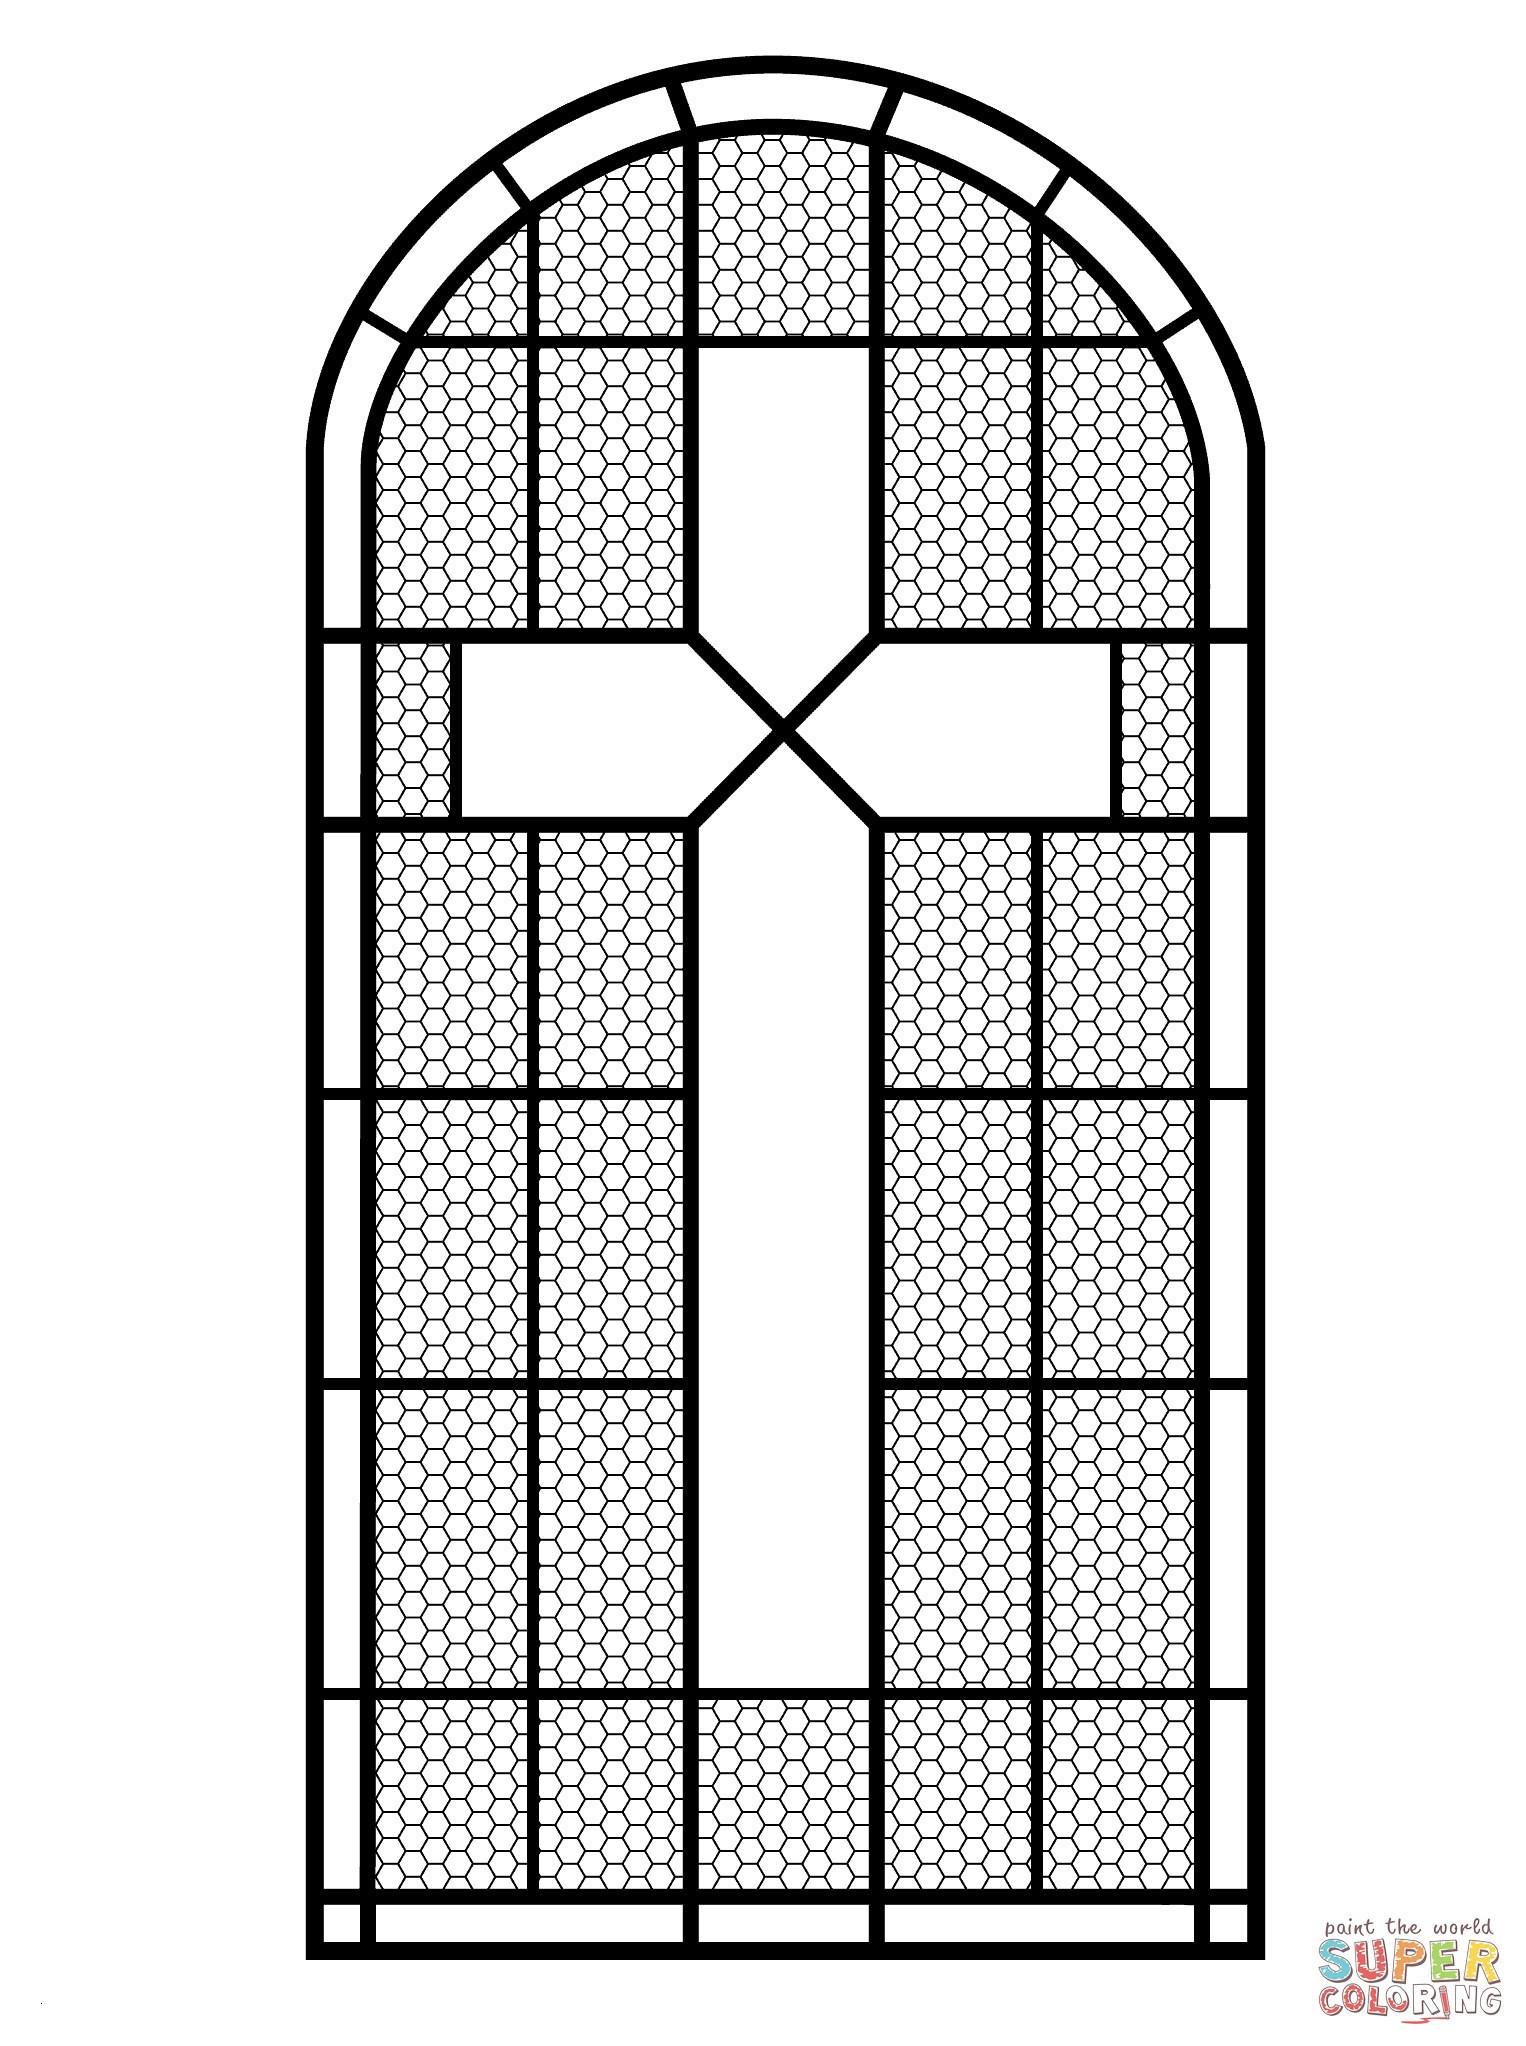 Kreuz Zum Ausmalen Einzigartig Ausmalbilder Kirche Einzigartig 37 Ausmalbilder Burg Scoredatscore Das Bild